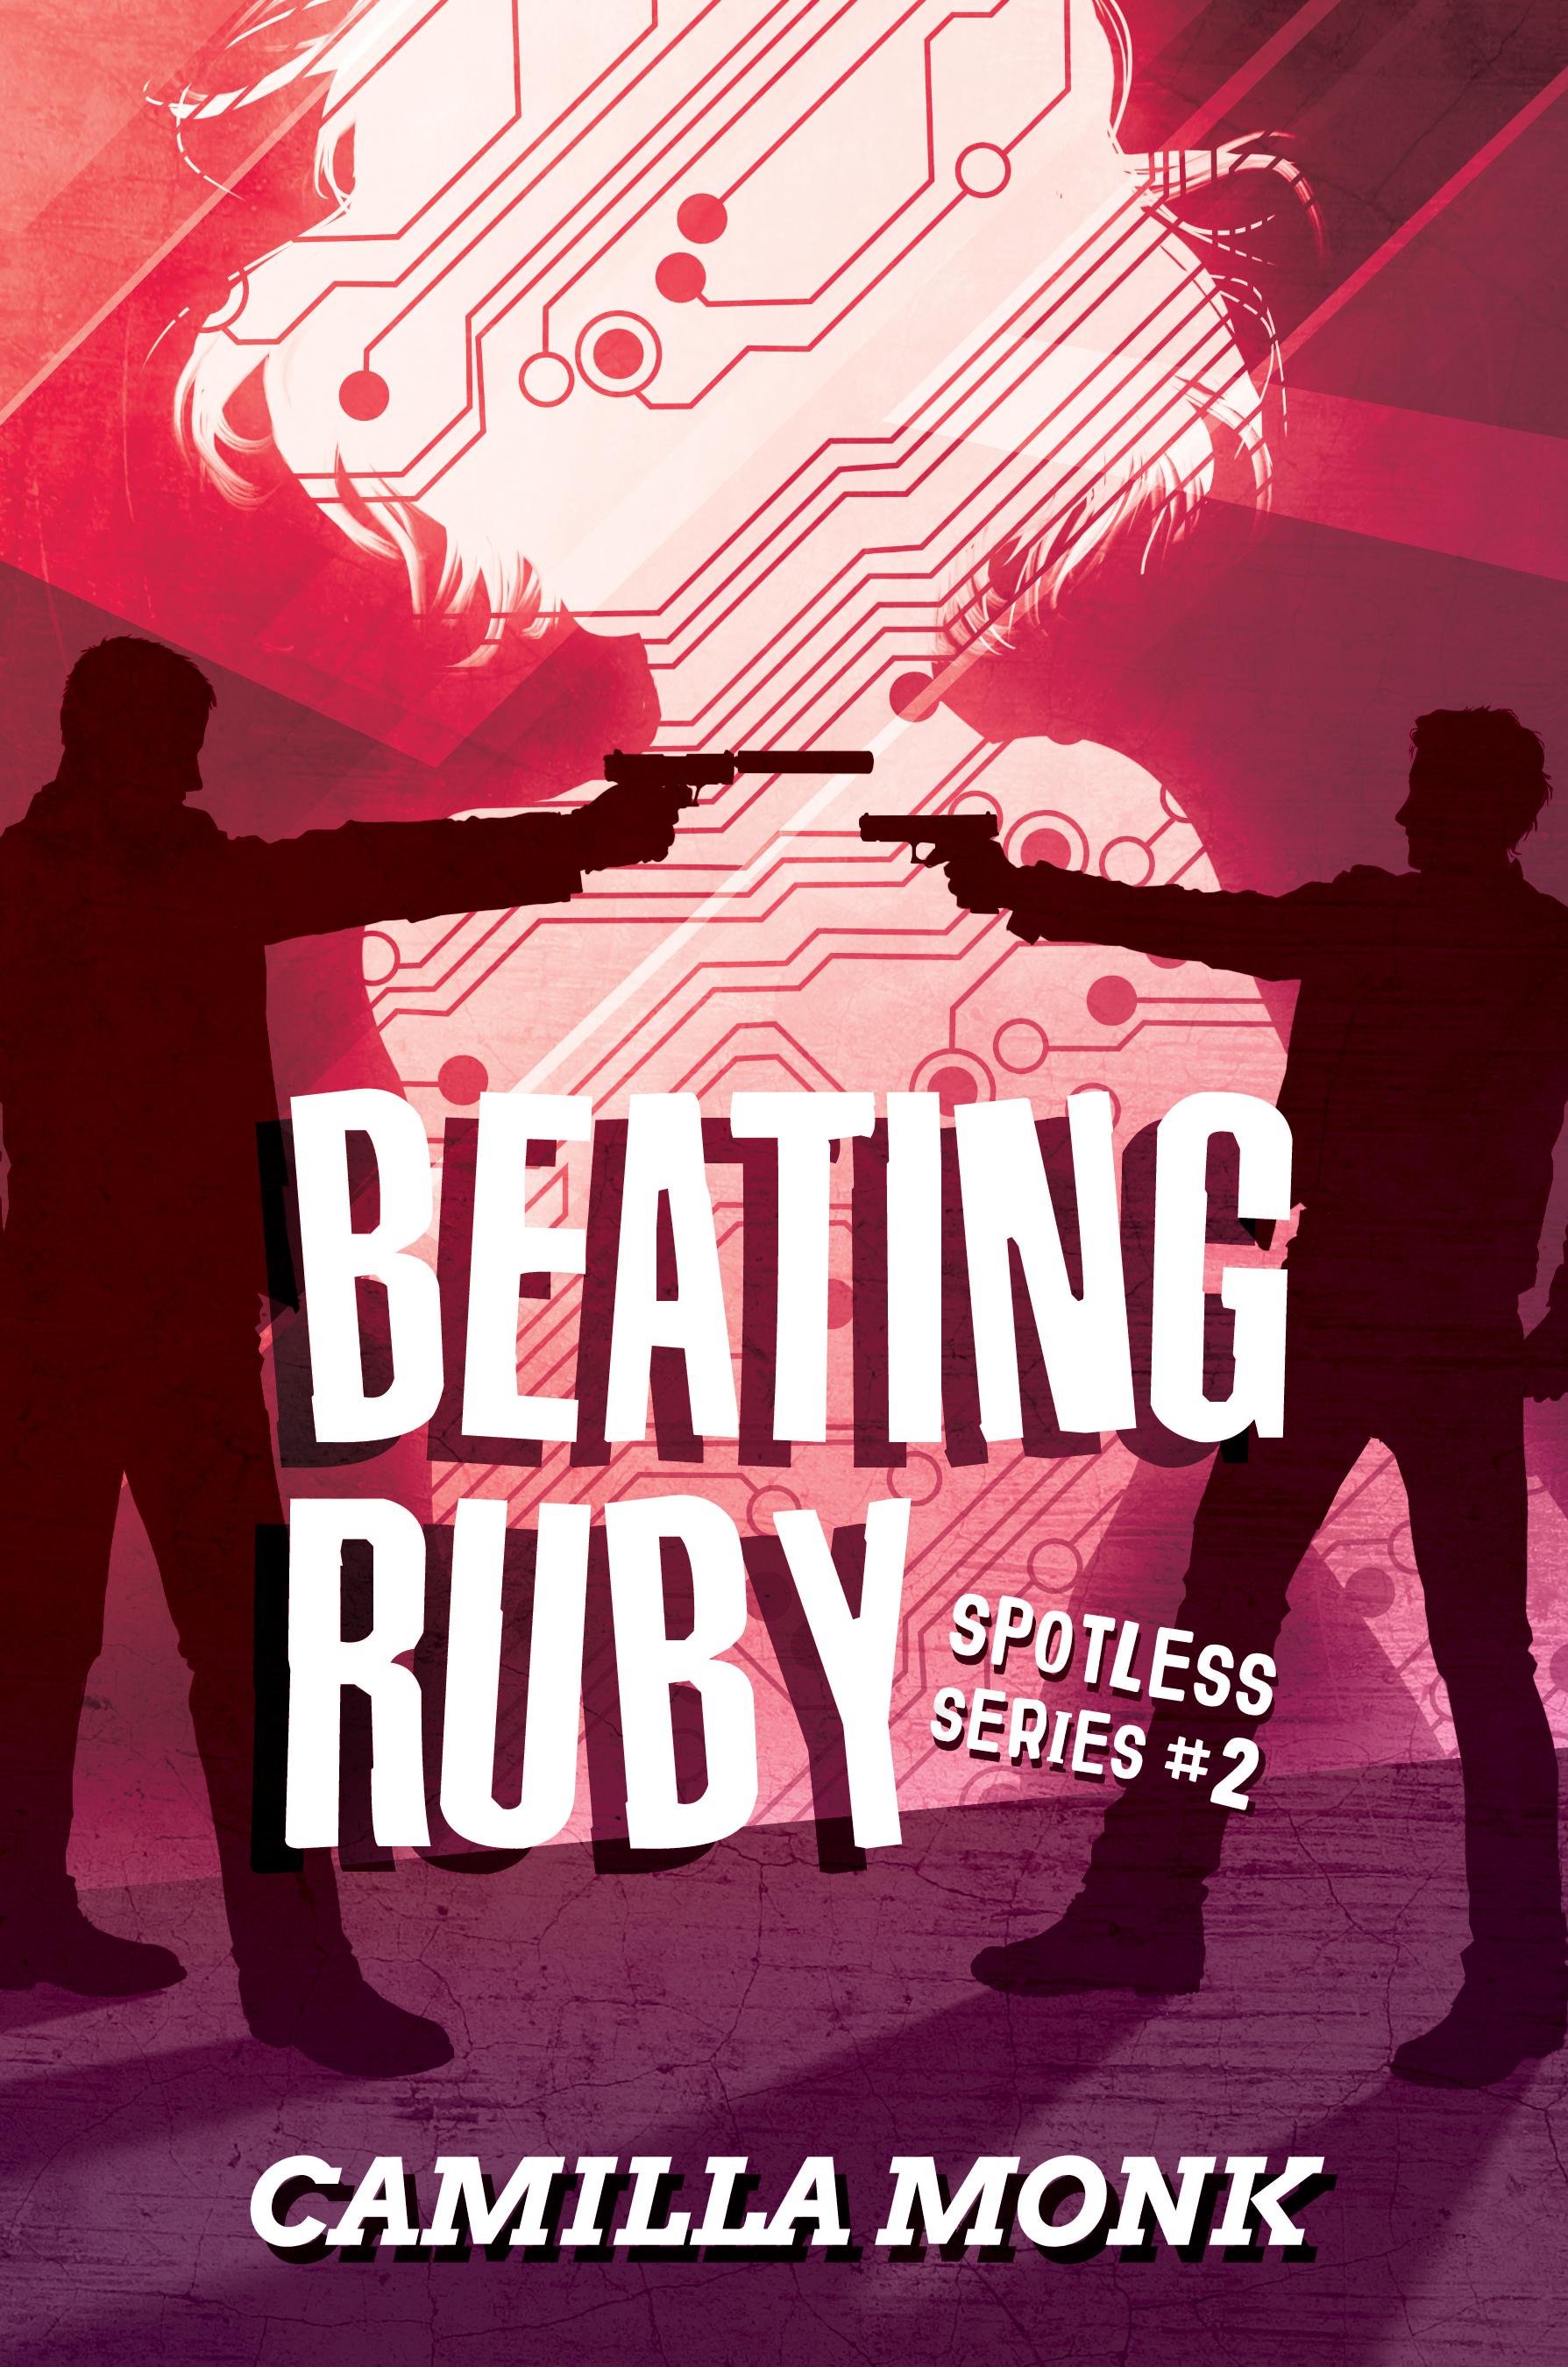 Camilla Monk - Spotless 2 - Beating Ruby